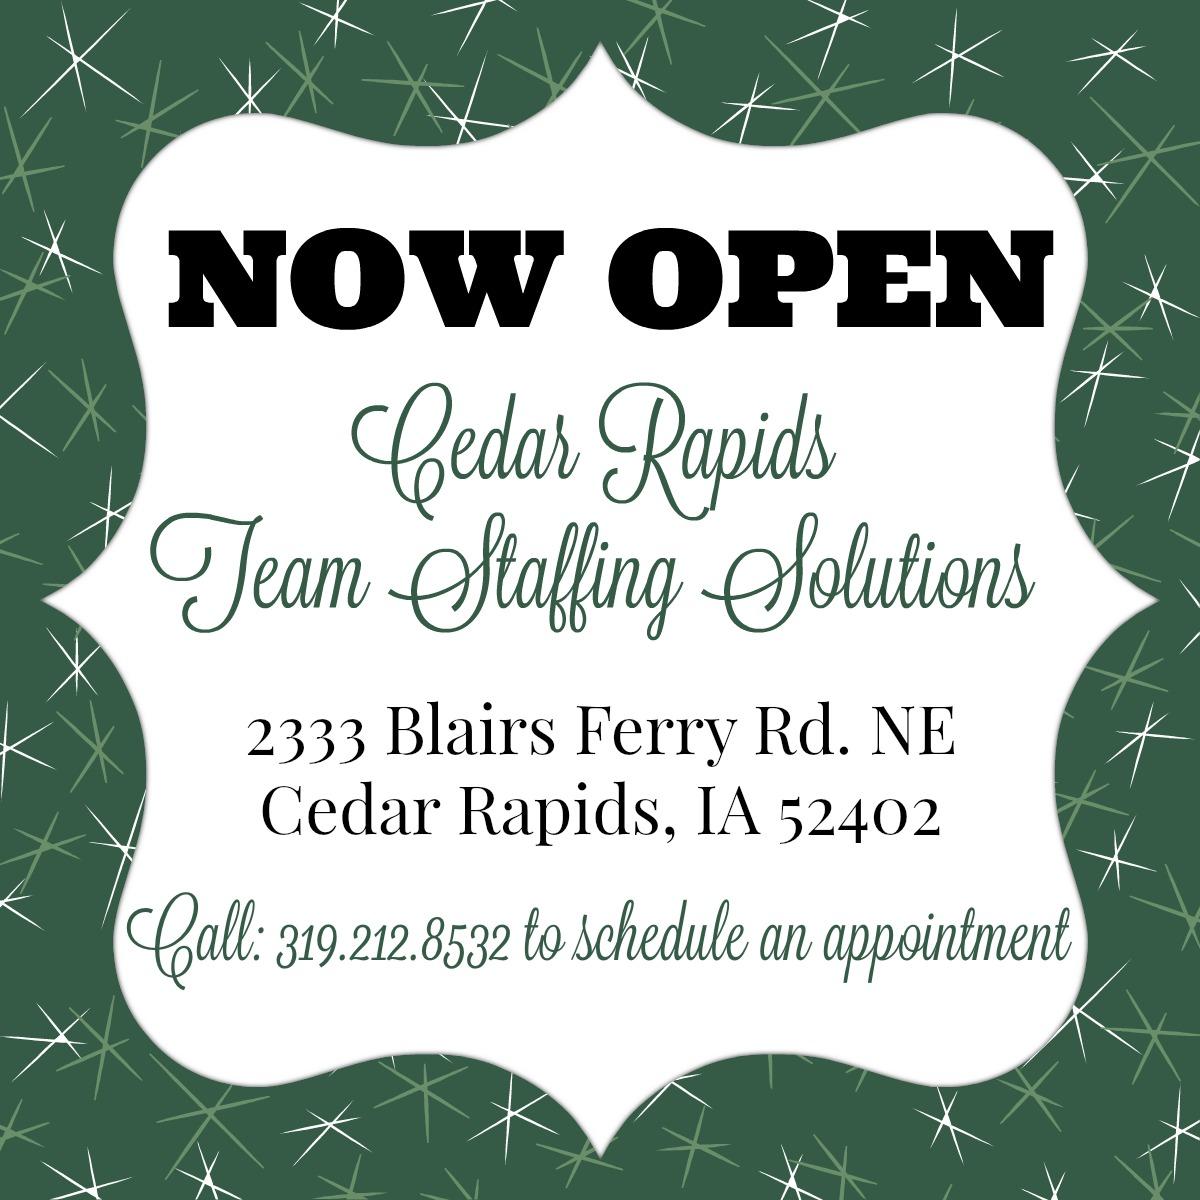 Cedar Rapids Office